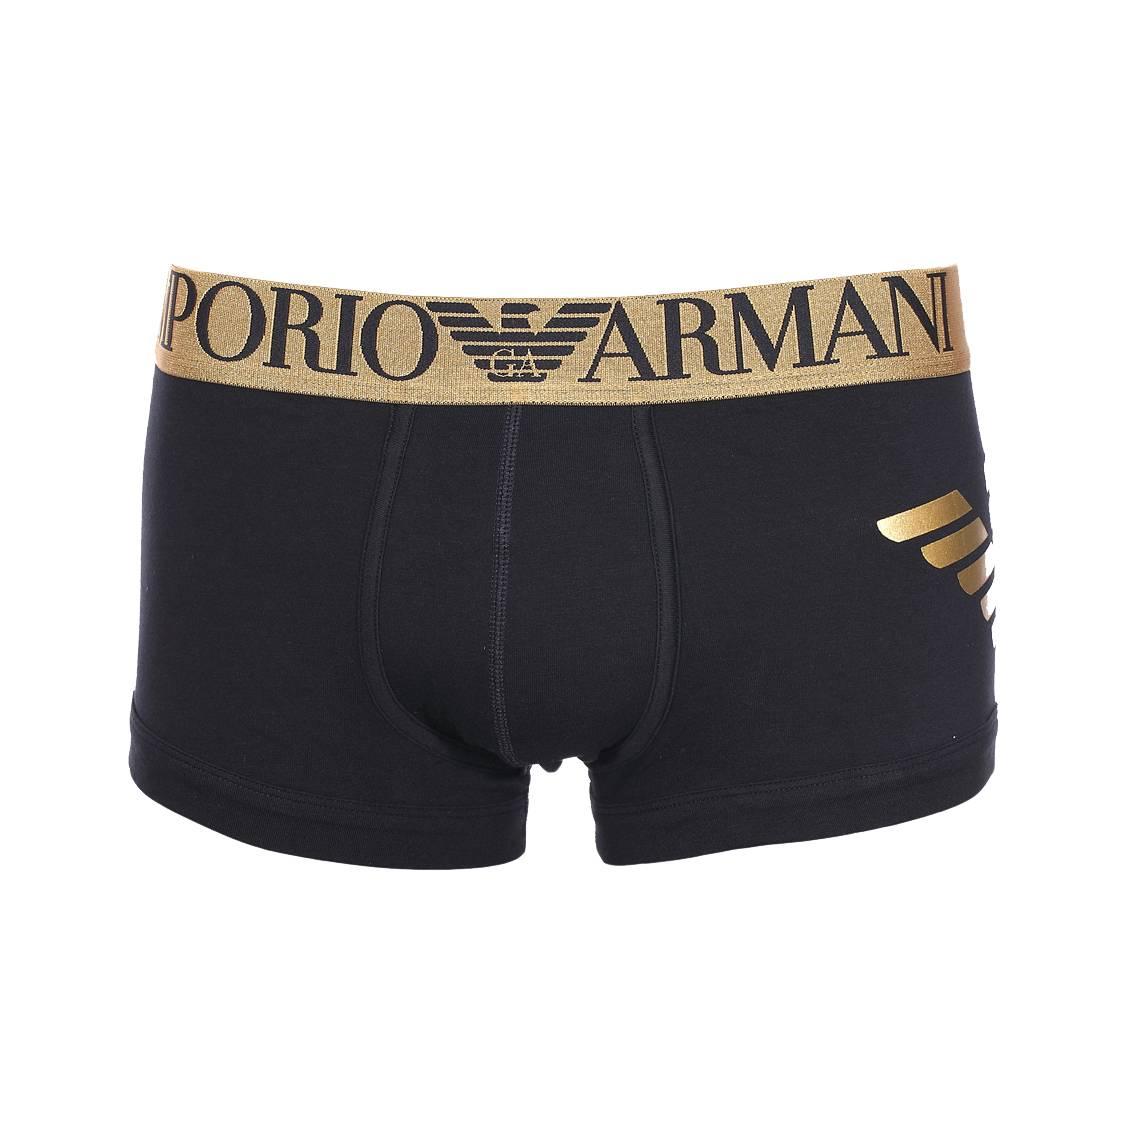 Boxer  en coton stretch noir, logo floqué en doré sur le côté